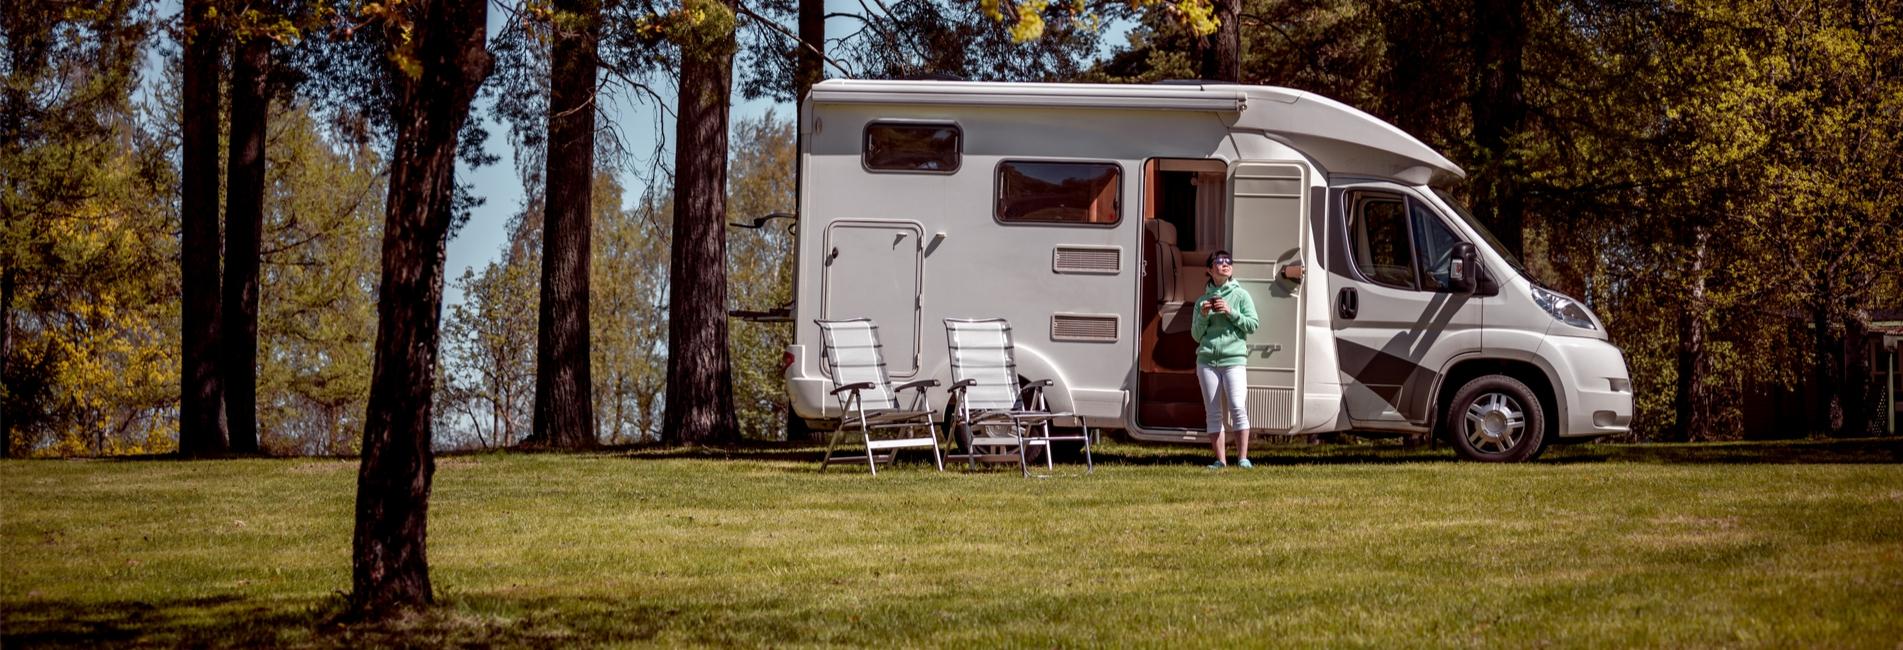 Frau steht mit Kaffeetasse vor ihrem Camperwagen umgeben von Bäumen